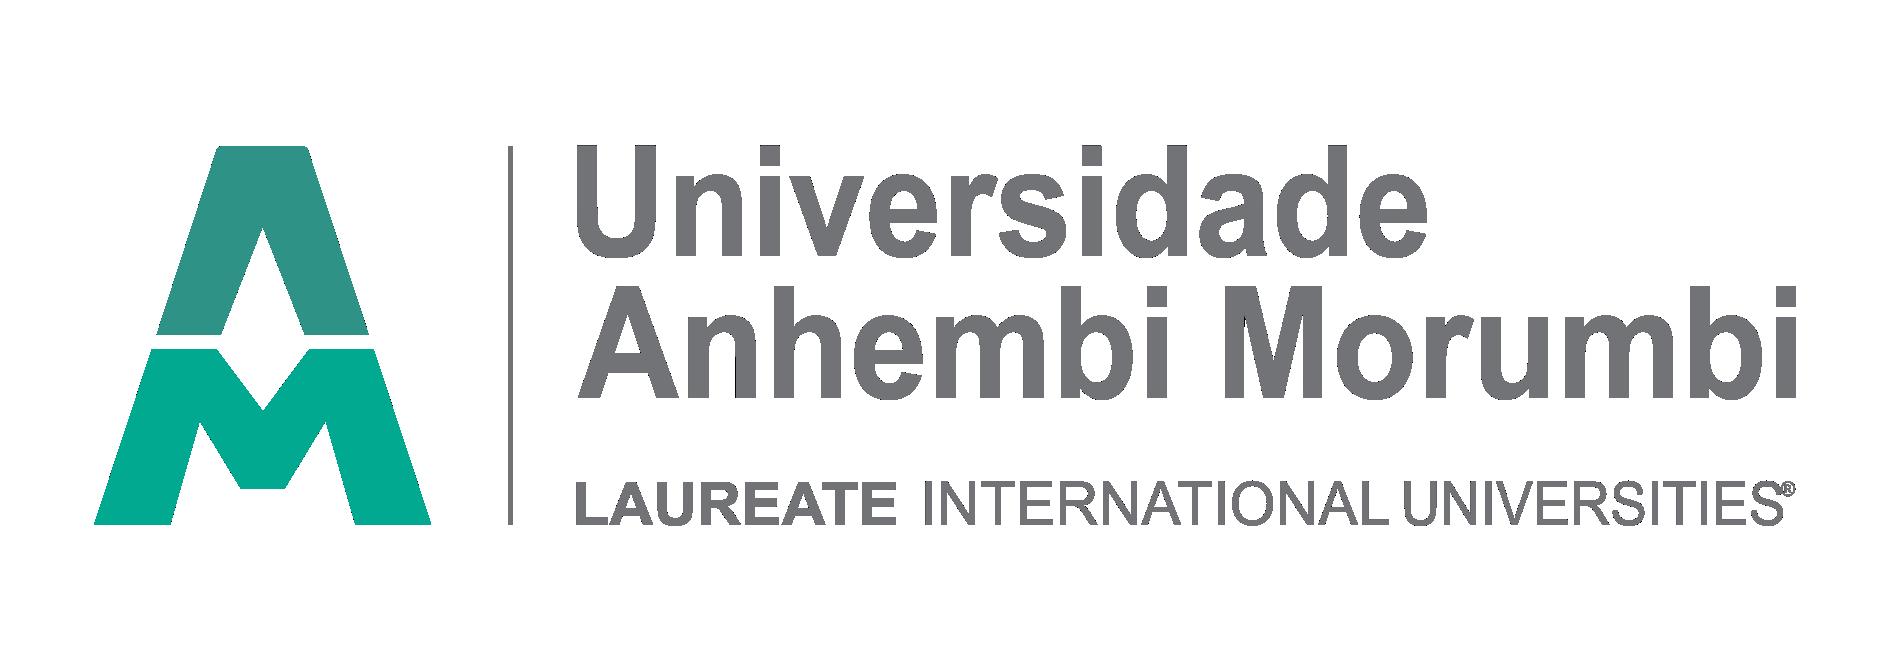 Anhembi Murumbi